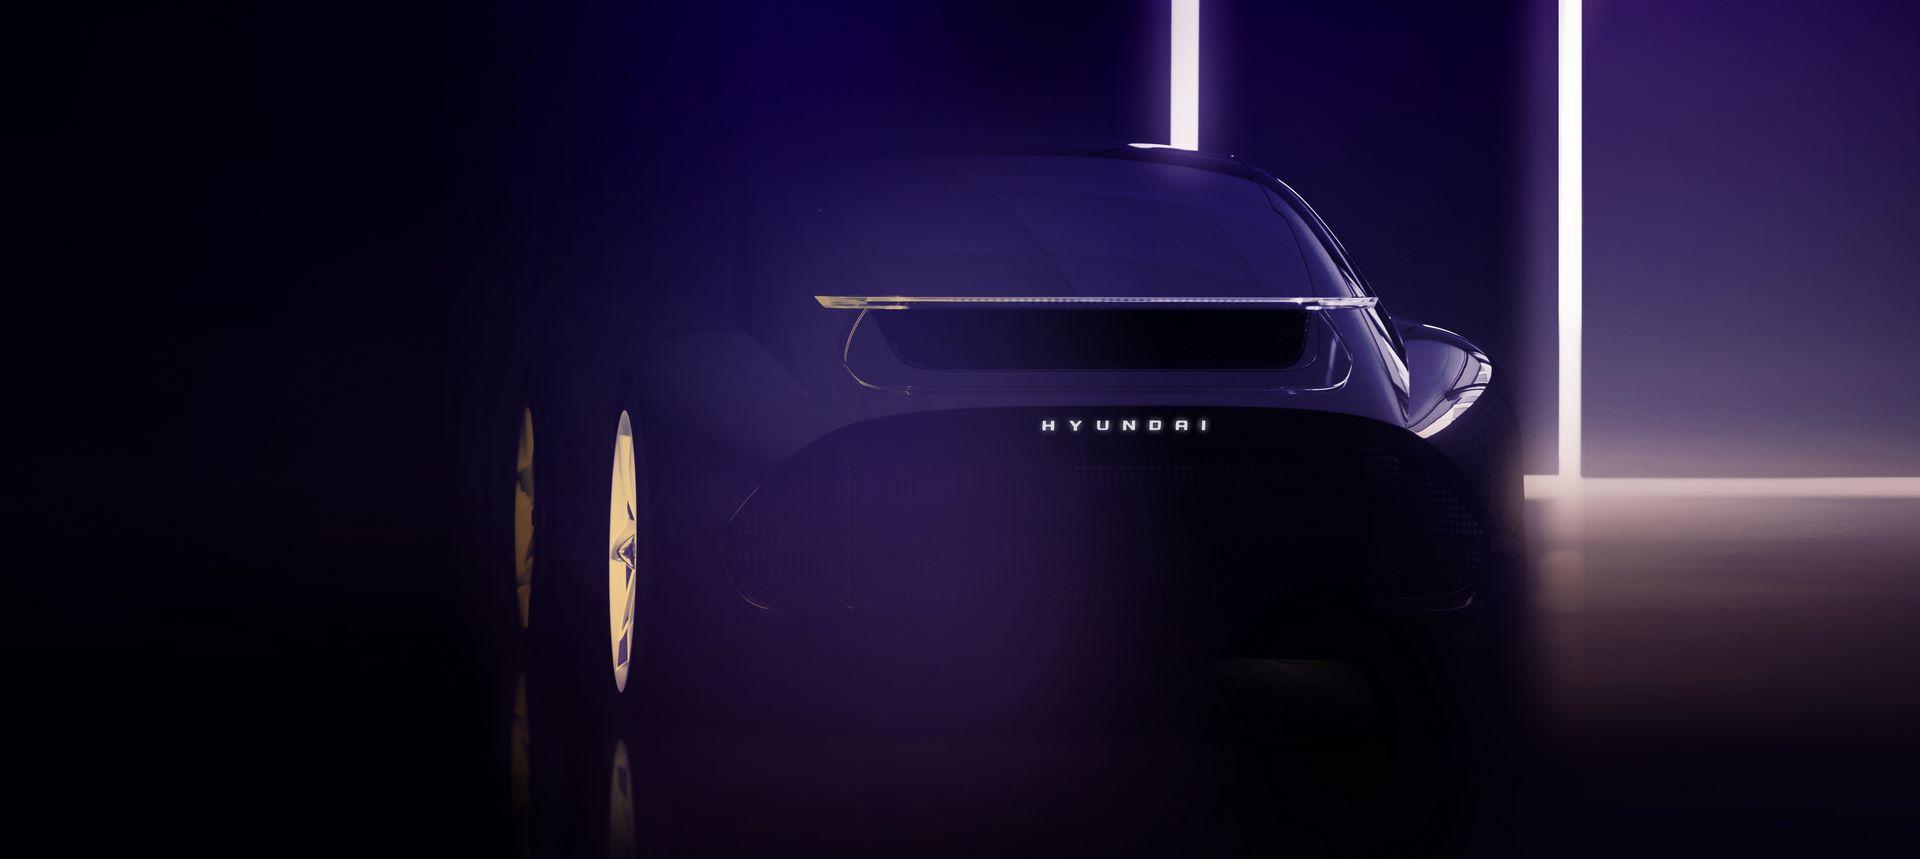 Hyundai-Prophecy-Concept-13